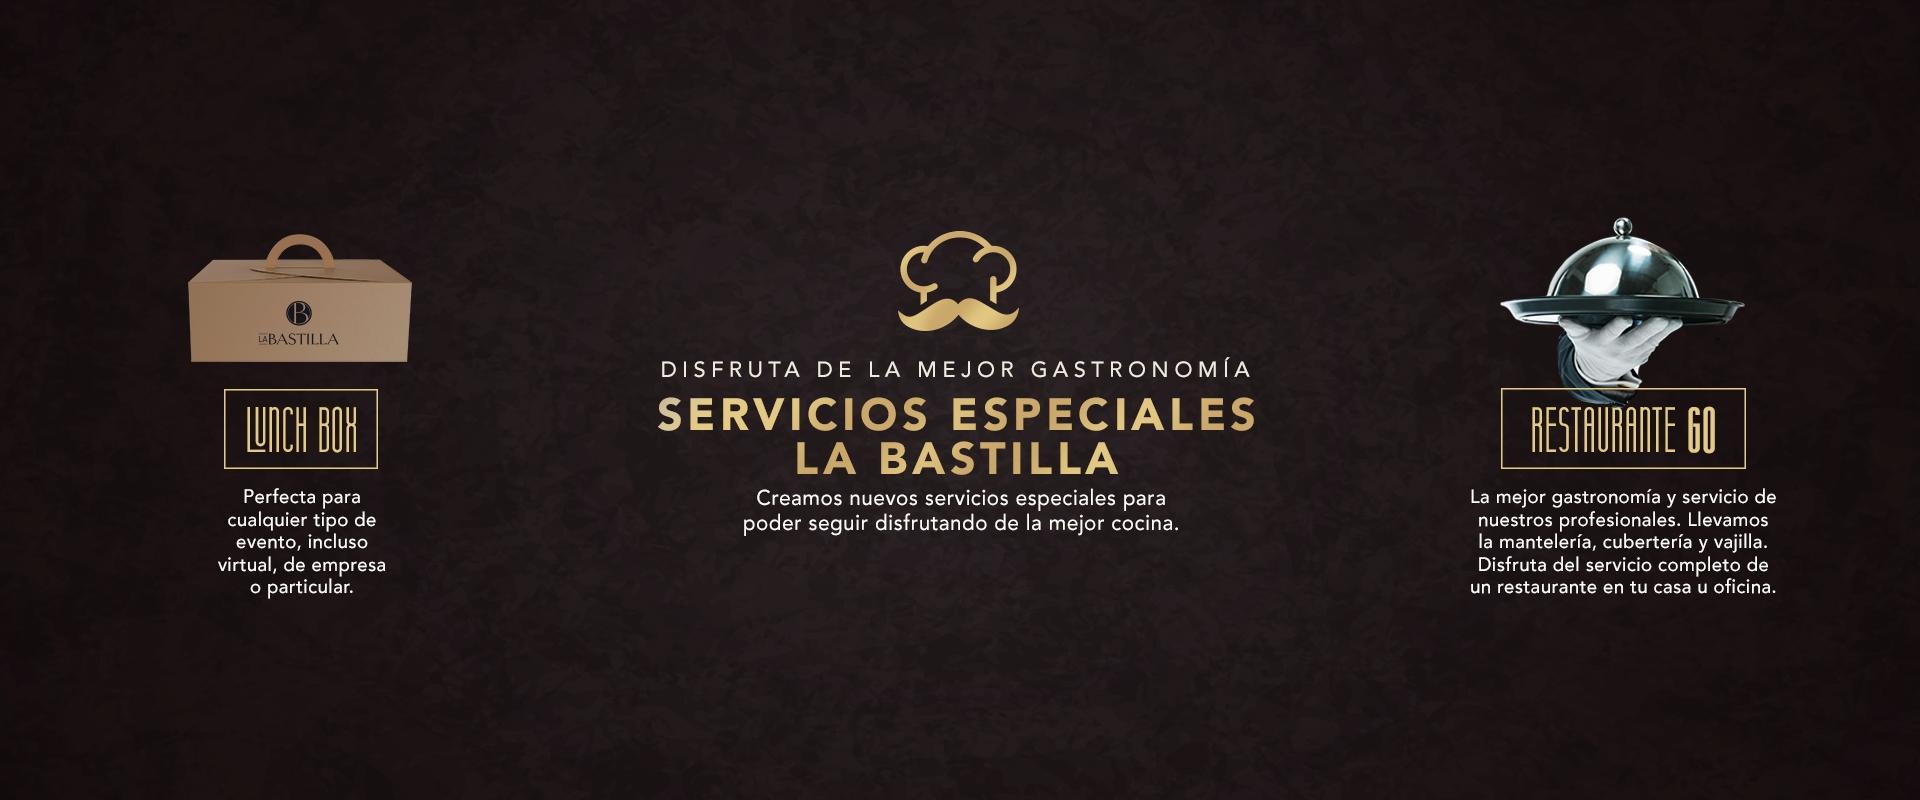 Servicios especiales La Bastilla